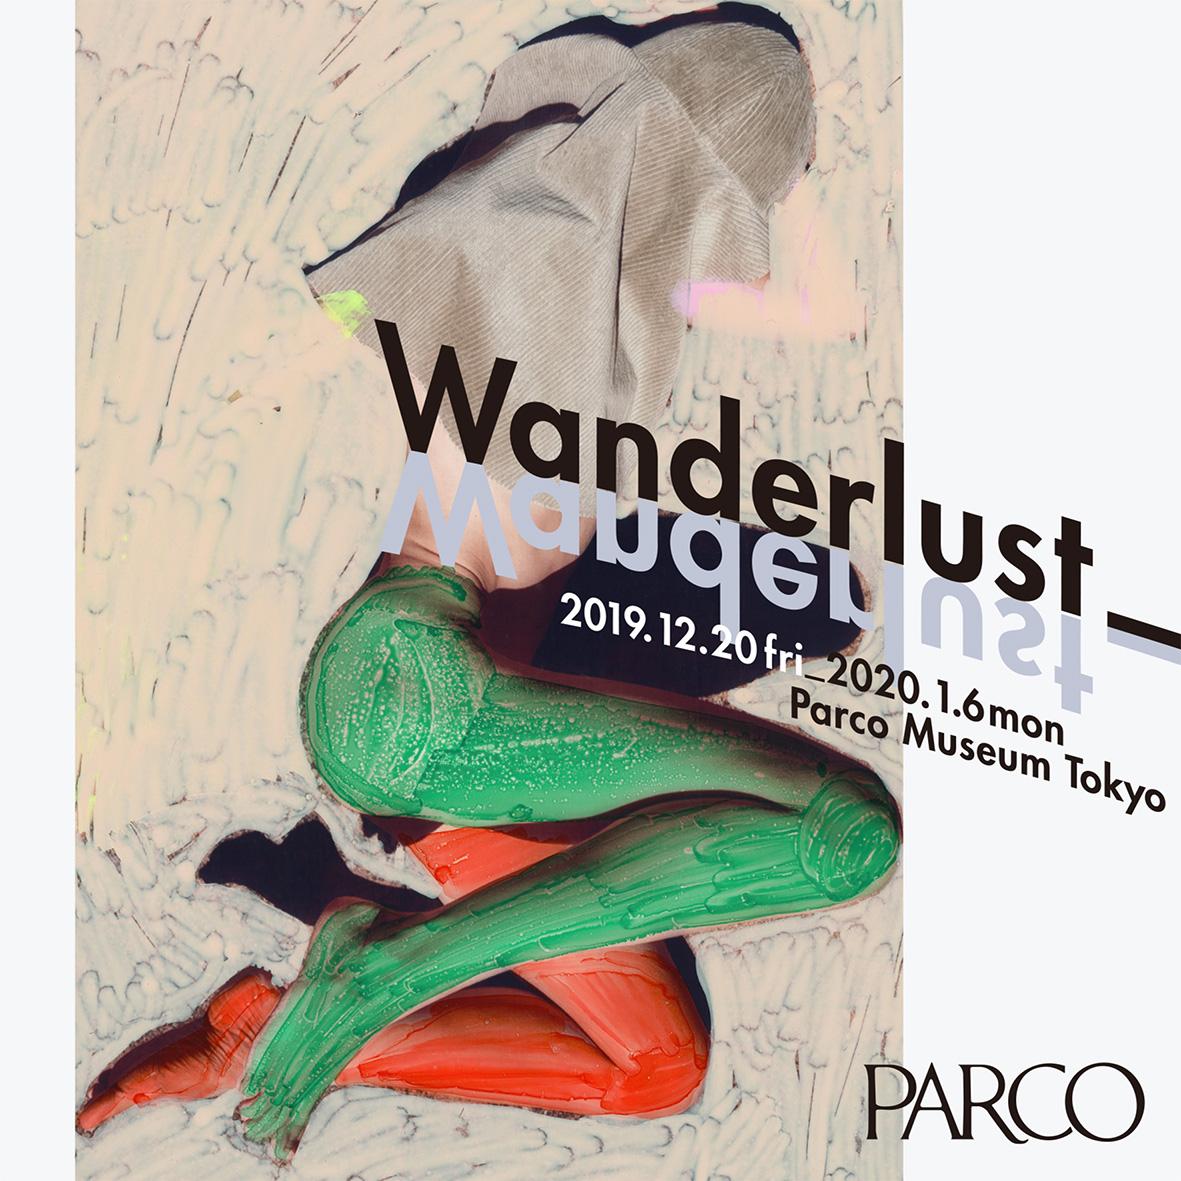 オープニング企画展第2弾『 Wanderlust 』